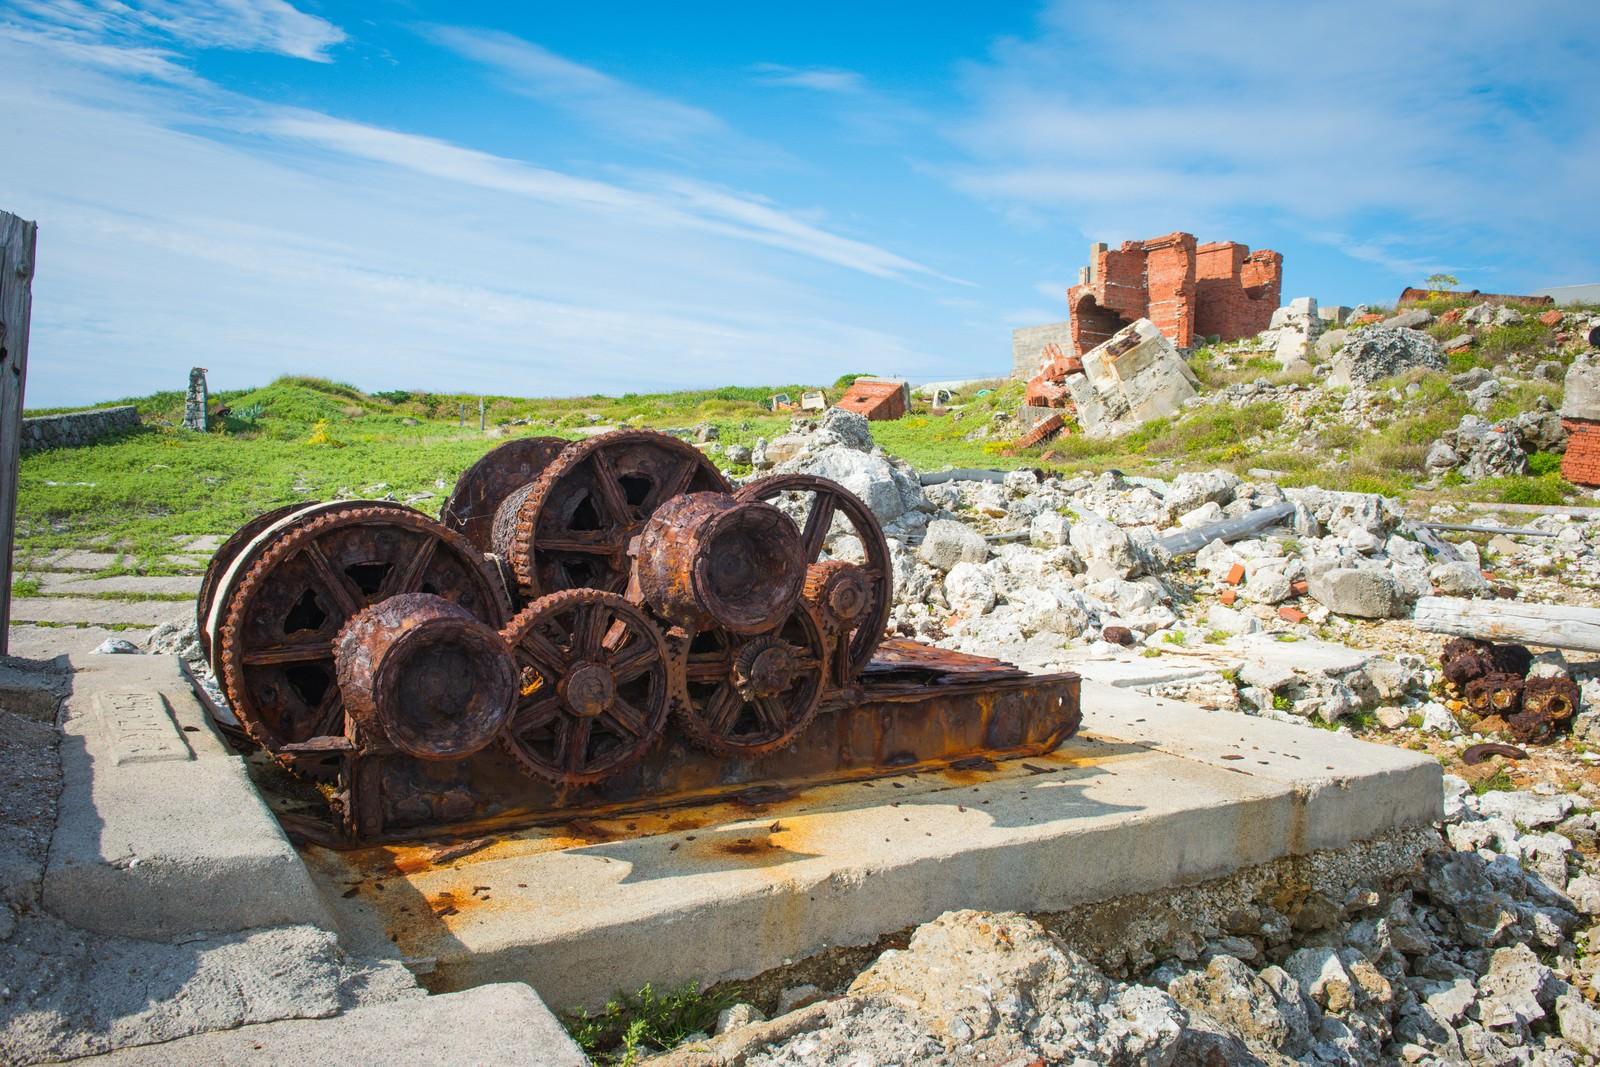 「北大東島の燐鉱石貯蔵庫跡・乾燥施設と錆びついたウインチ | 写真の無料素材・フリー素材 - ぱくたそ」の写真